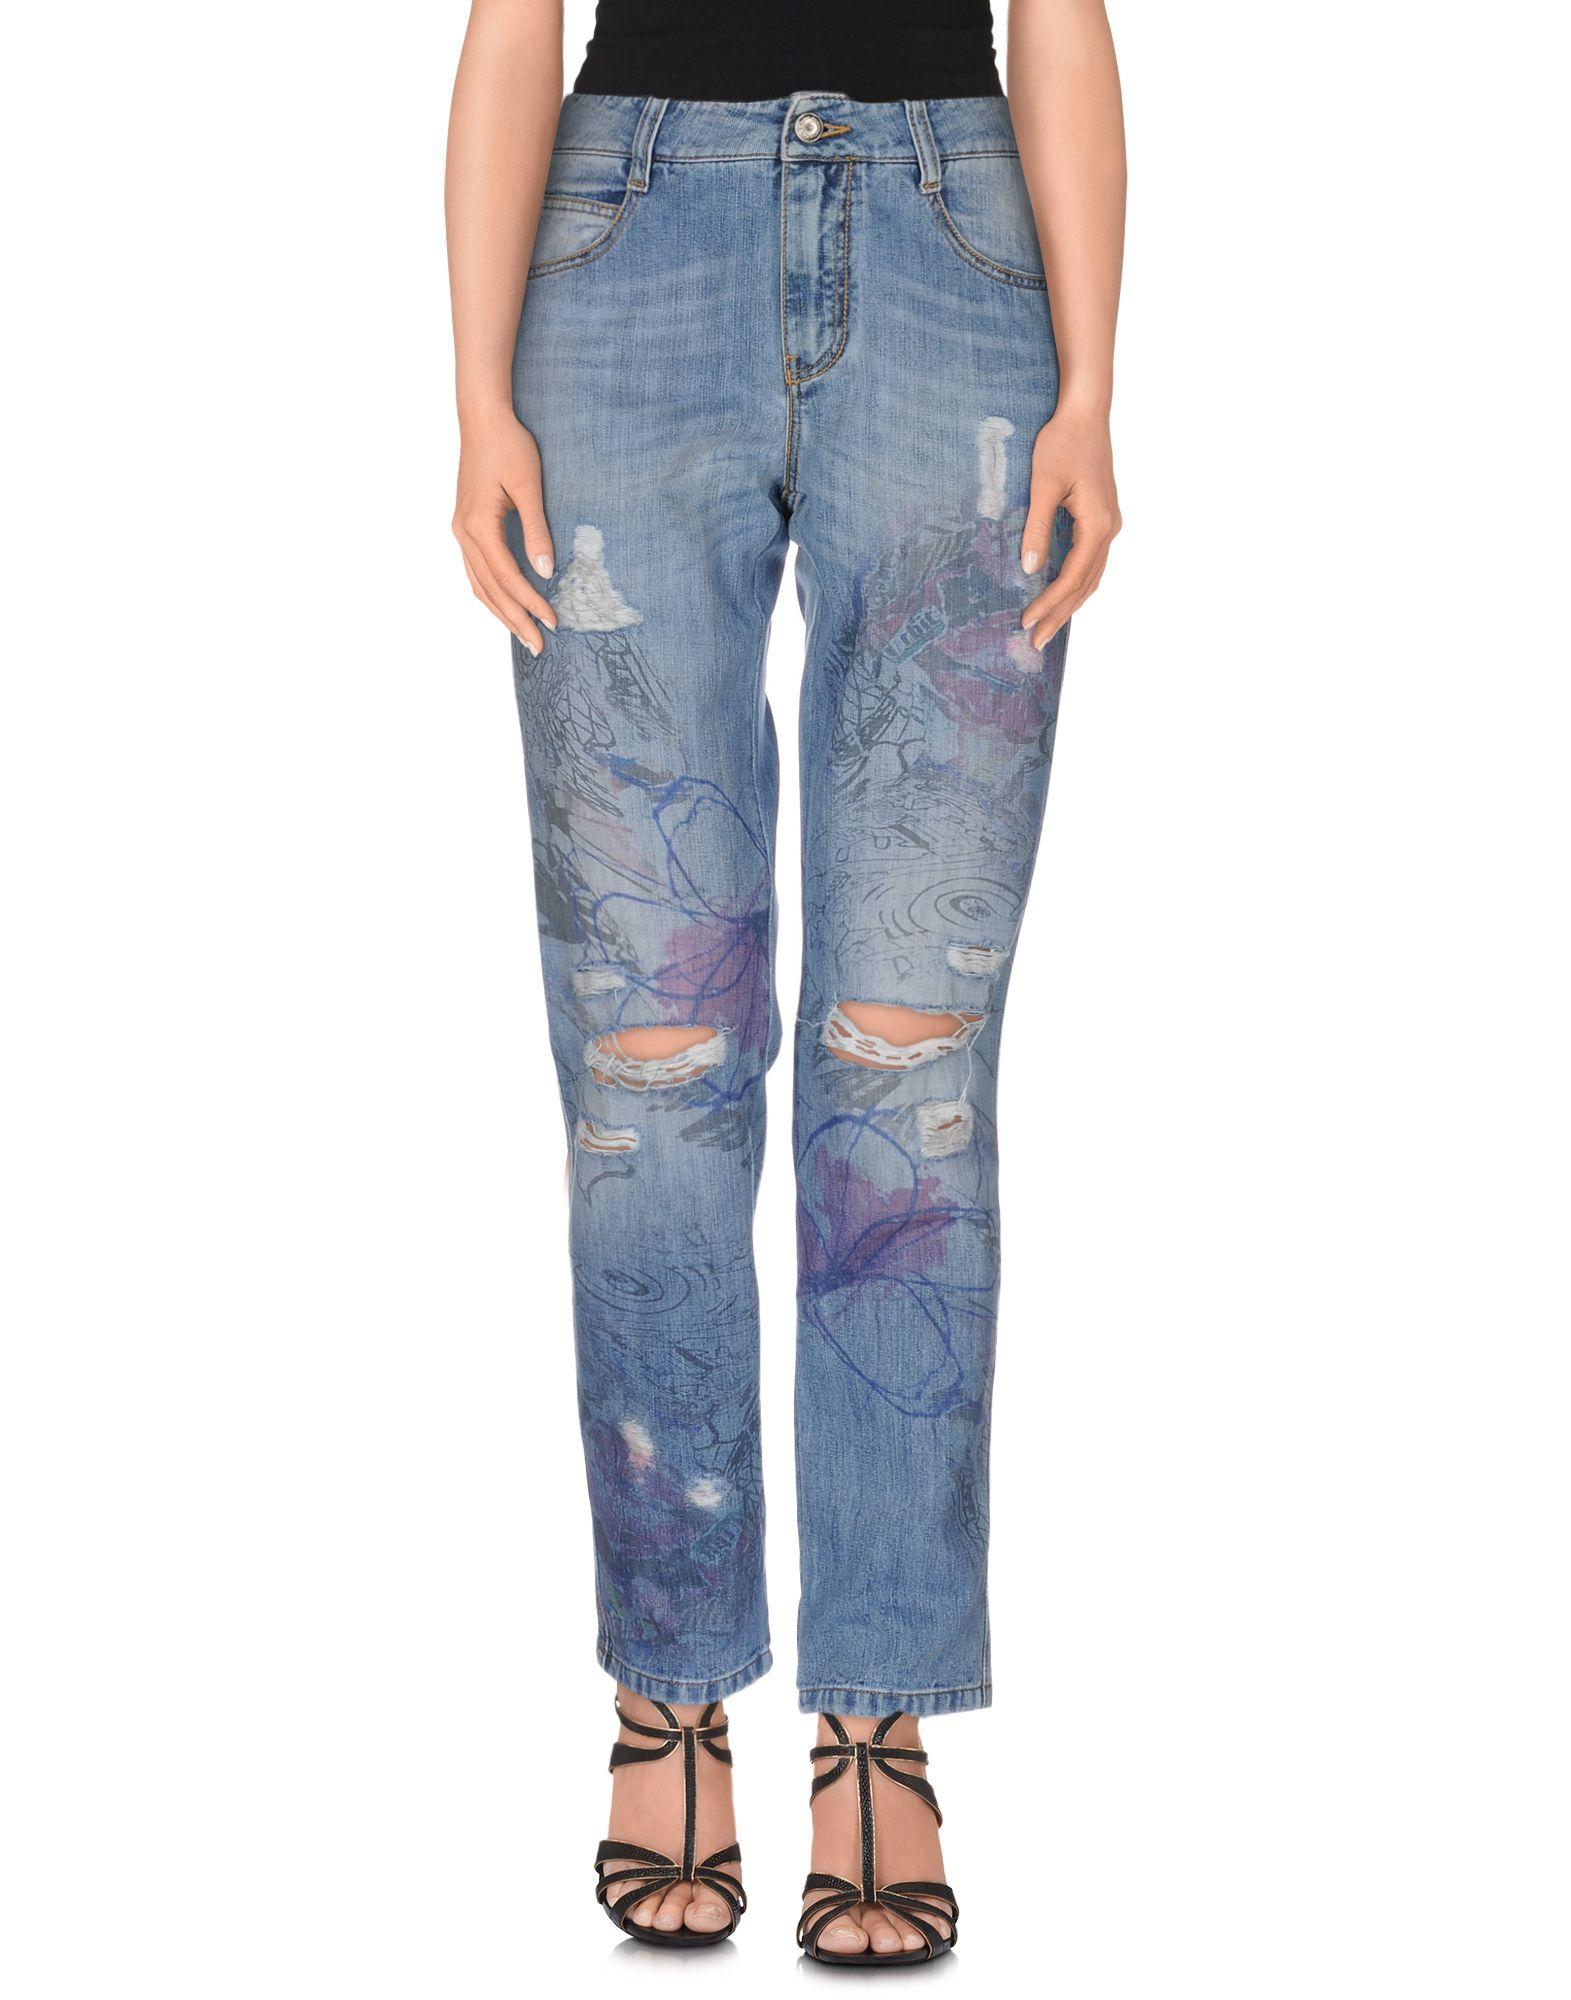 Pantaloni Jeans Ermanno Scervino Donna - Acquista online su hfMn5afaGw